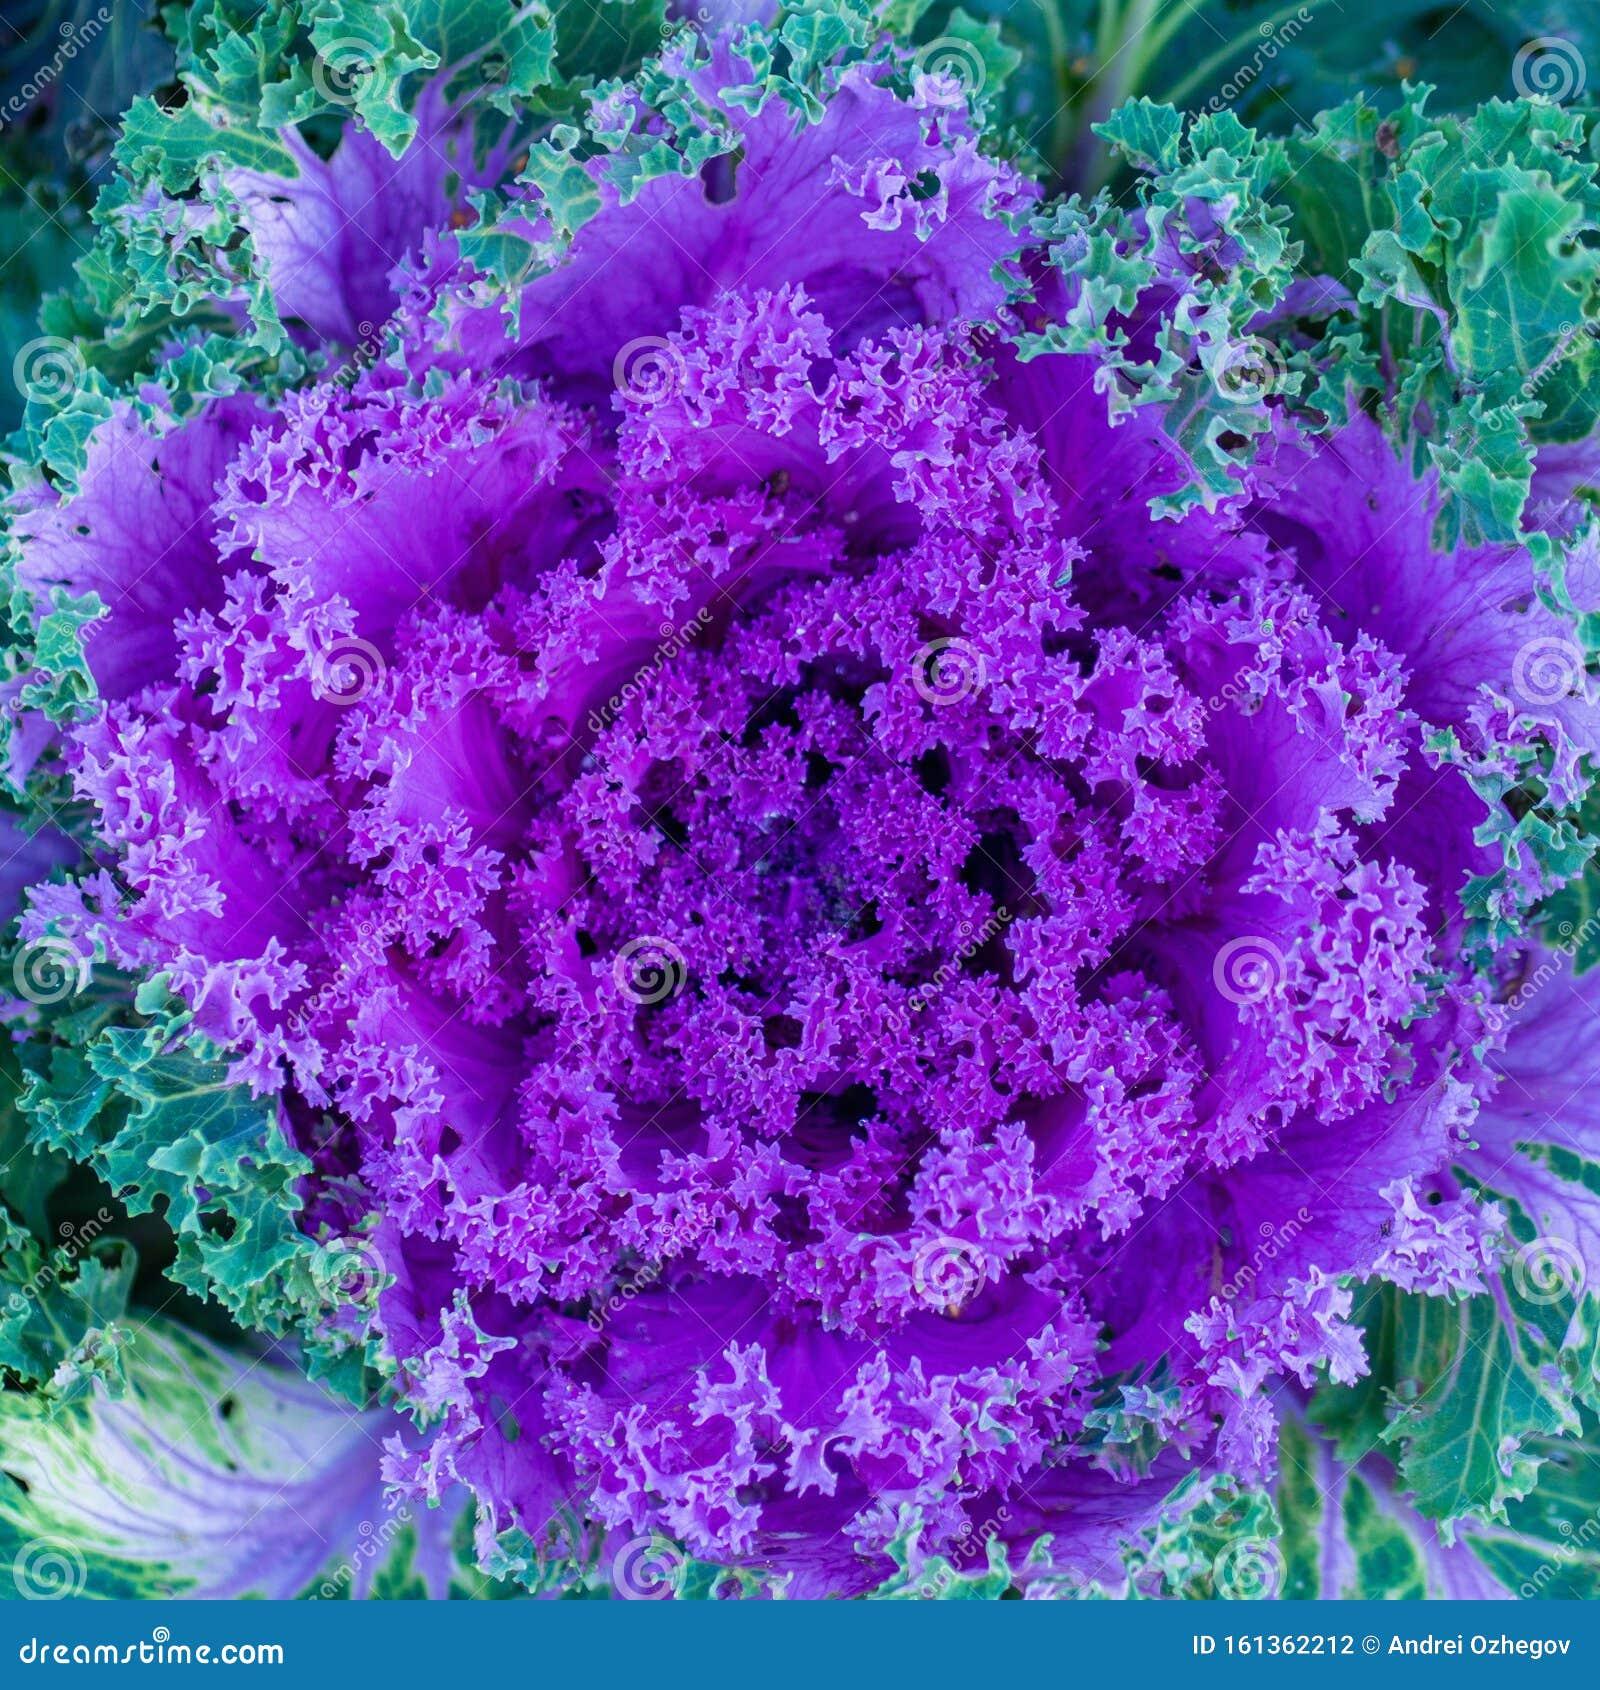 Flowering Decorative Purple Pink Cabbage Plant In Garden